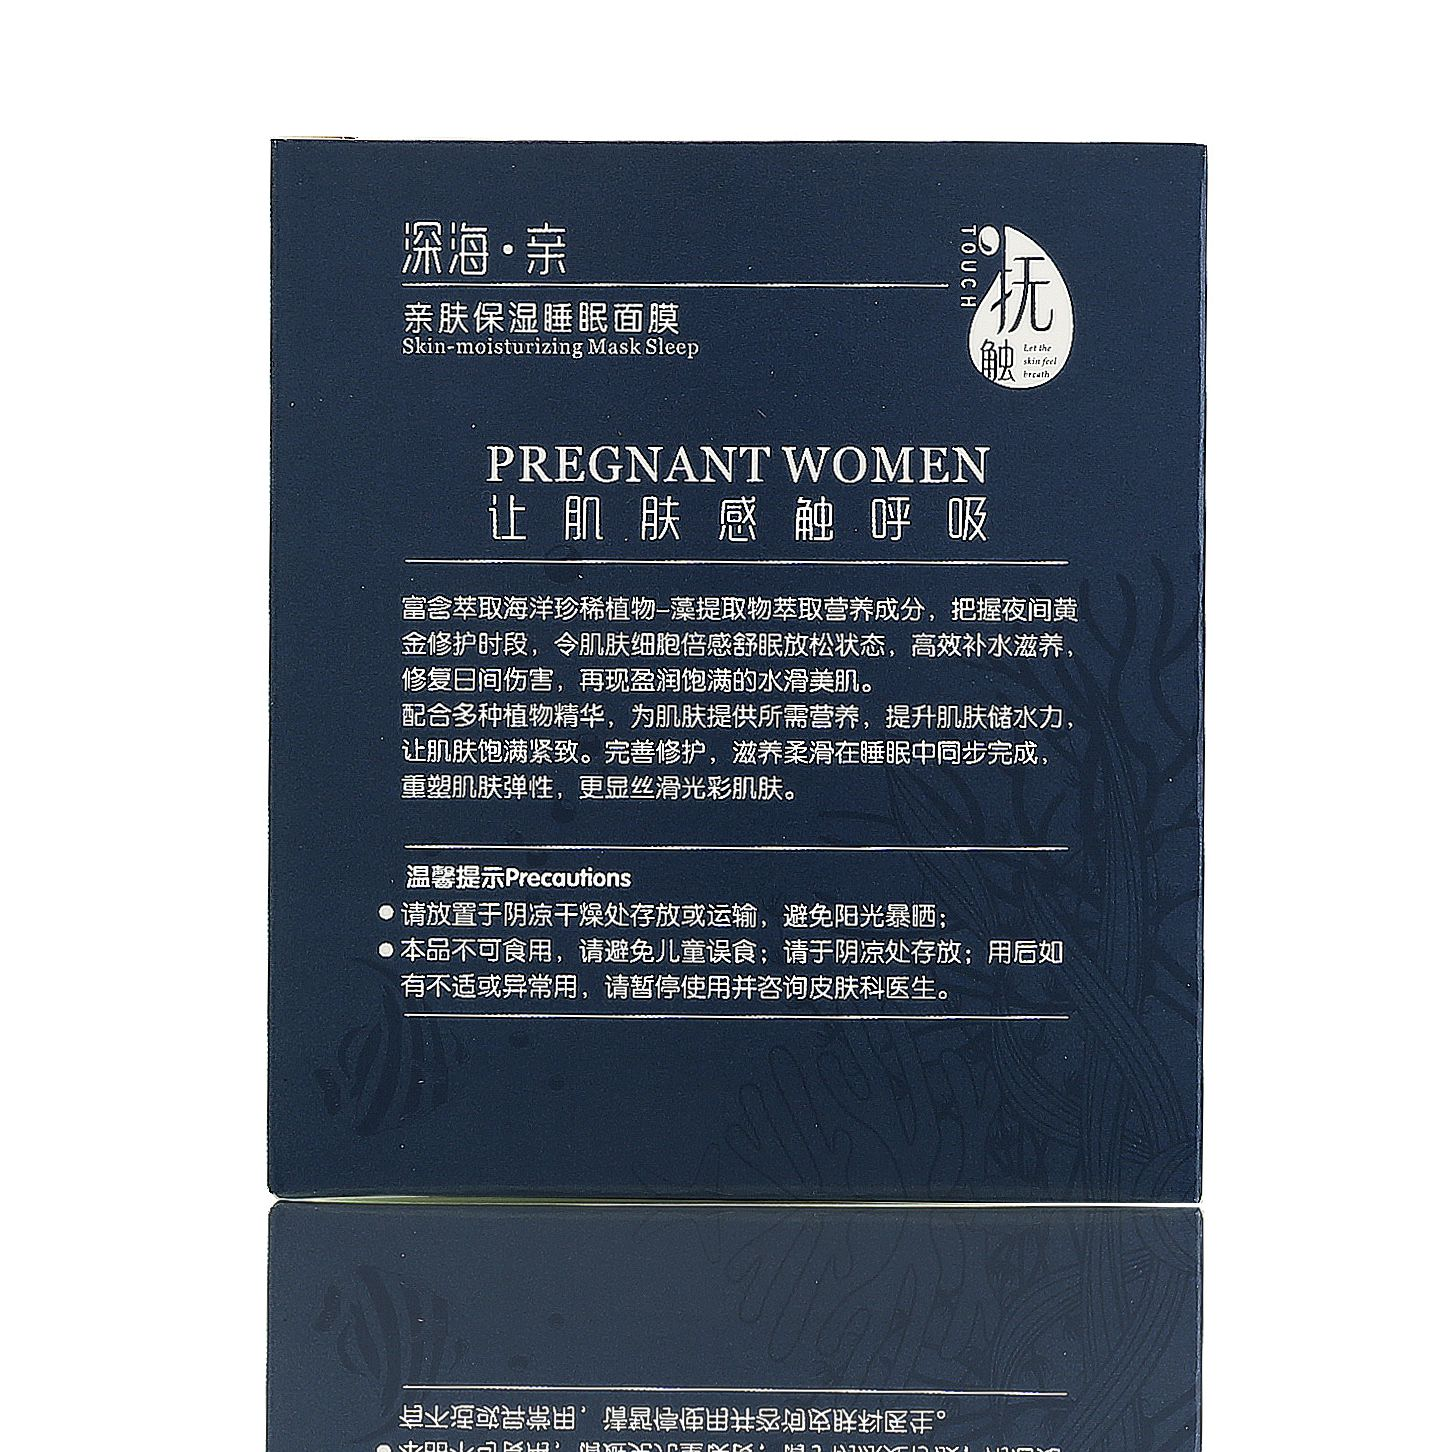 卡其拉孕妇睡眠面膜 孕妈专用防干燥 孕期免洗护肤品加湿 包邮